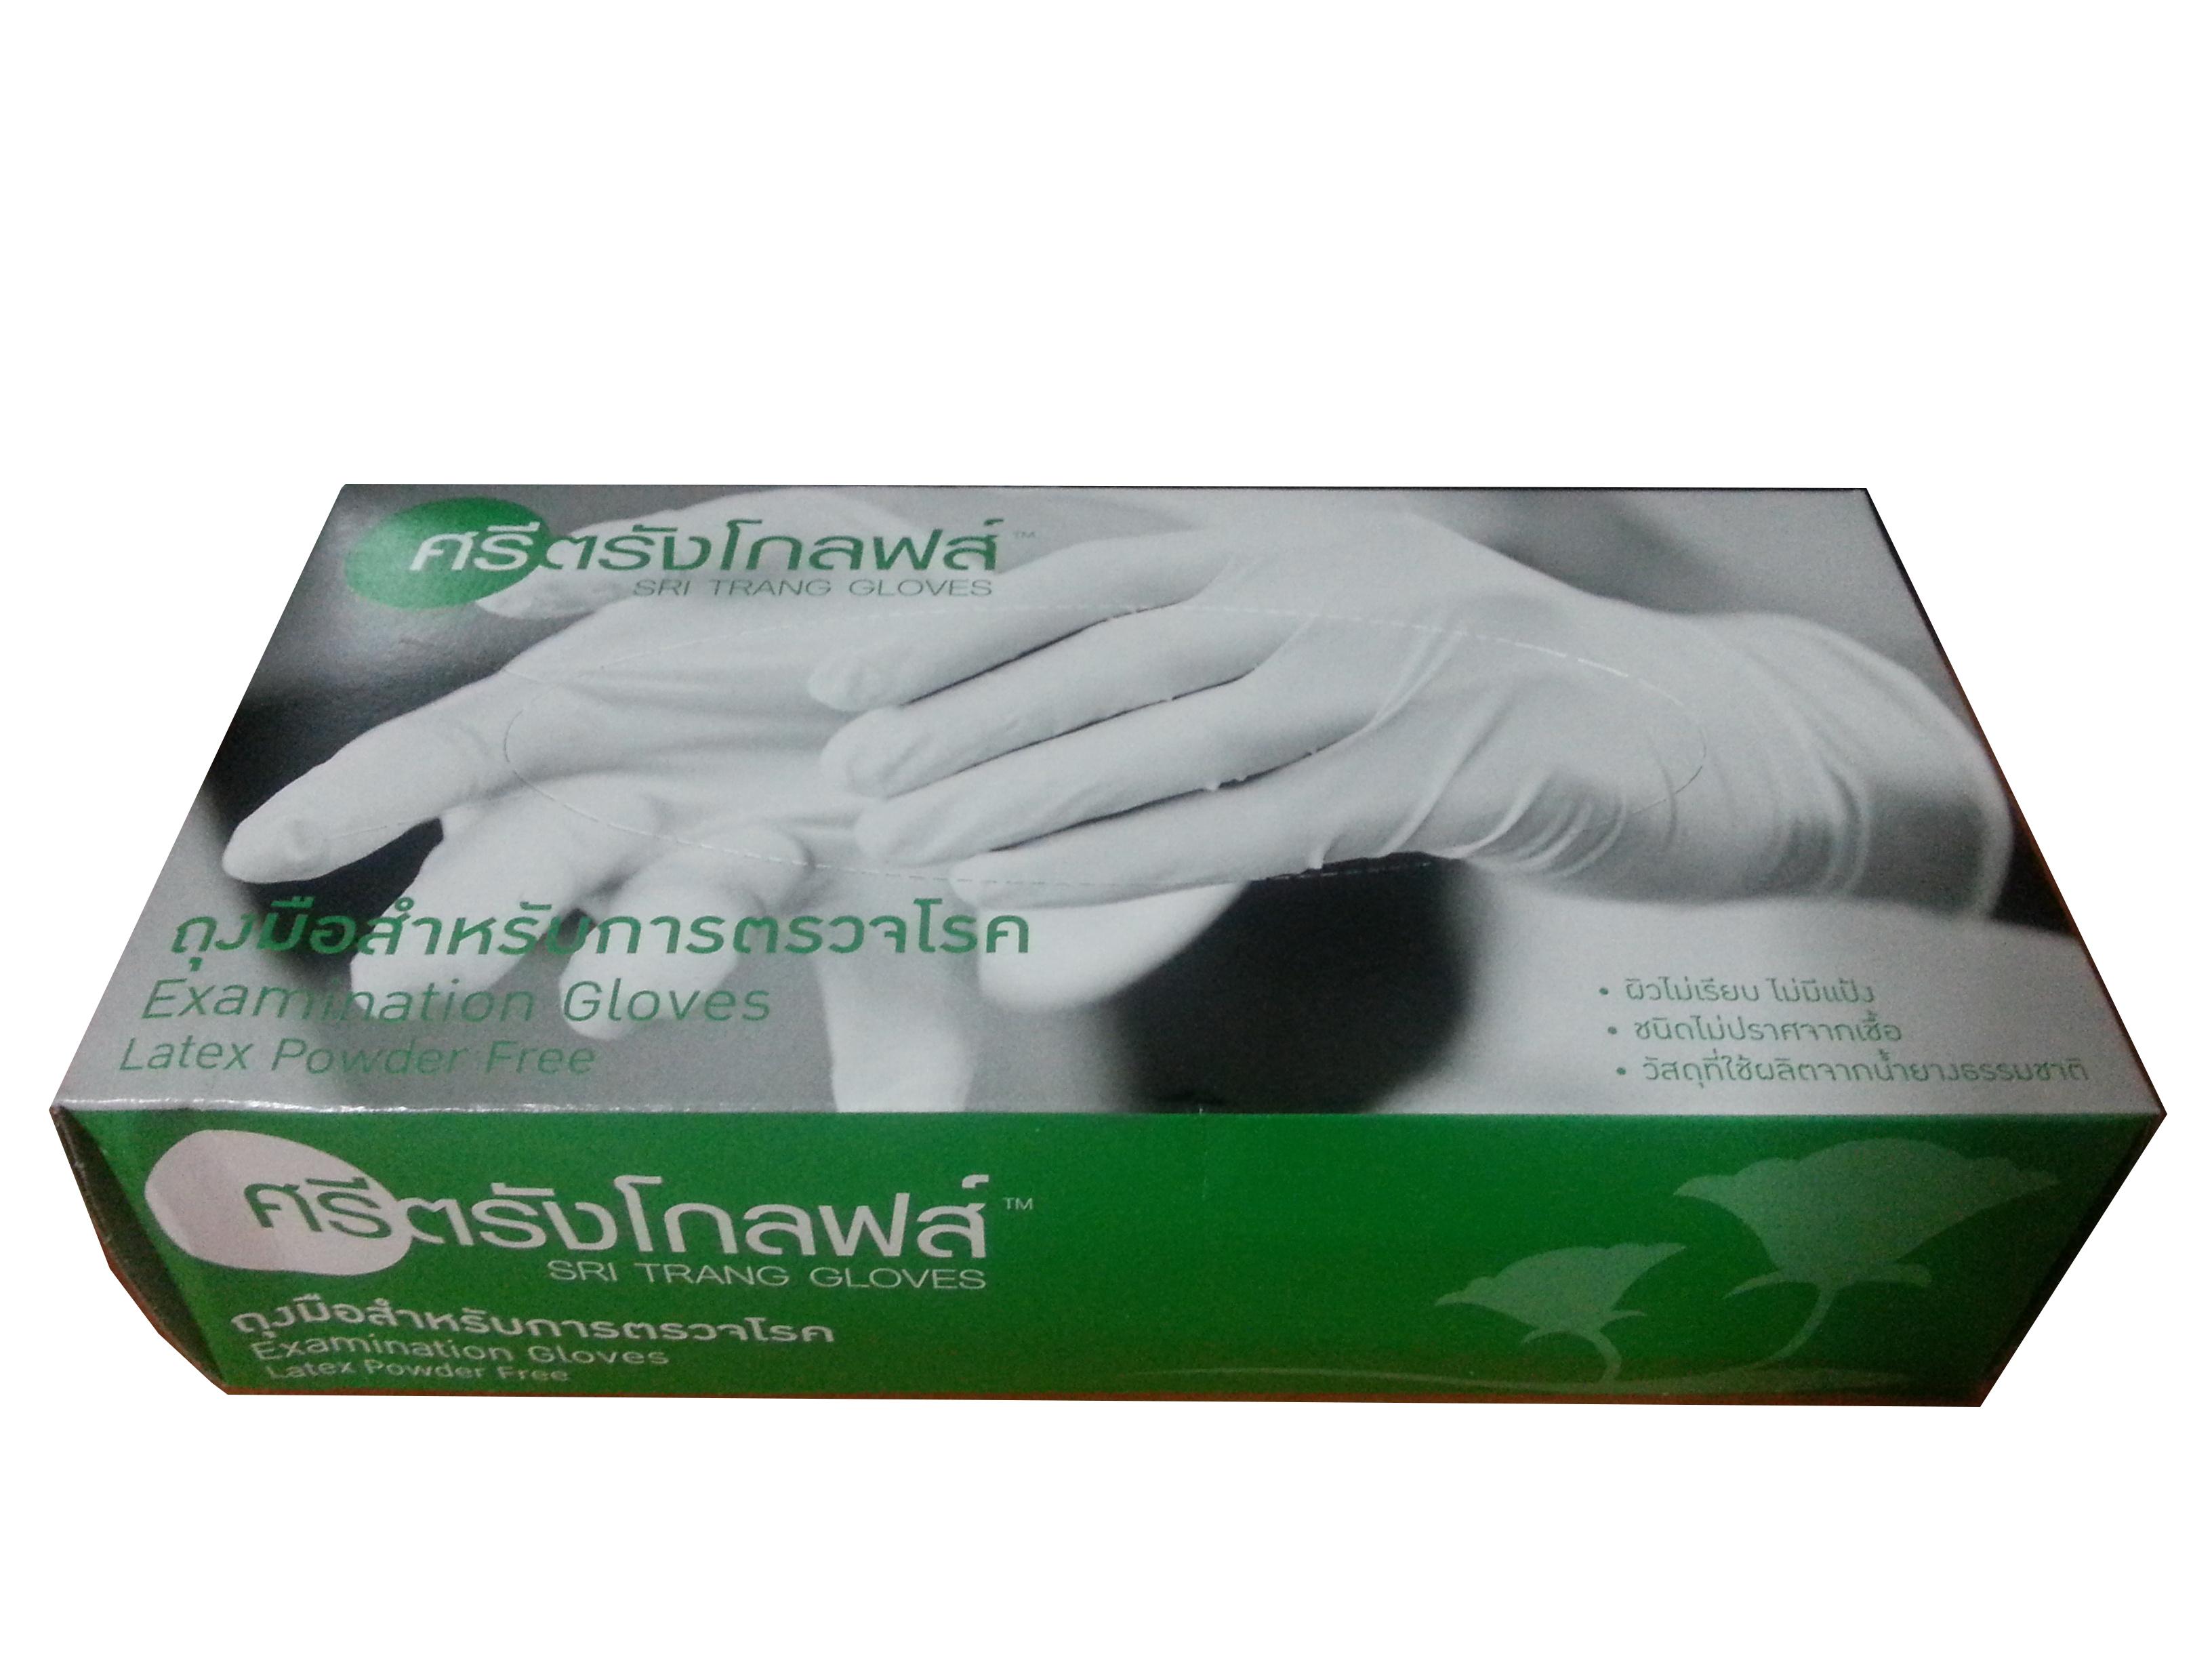 ถุงมือ ศรีตรังโกฟล์ ชนิดไม่มีแป้ง (กล่องสีเขียว)